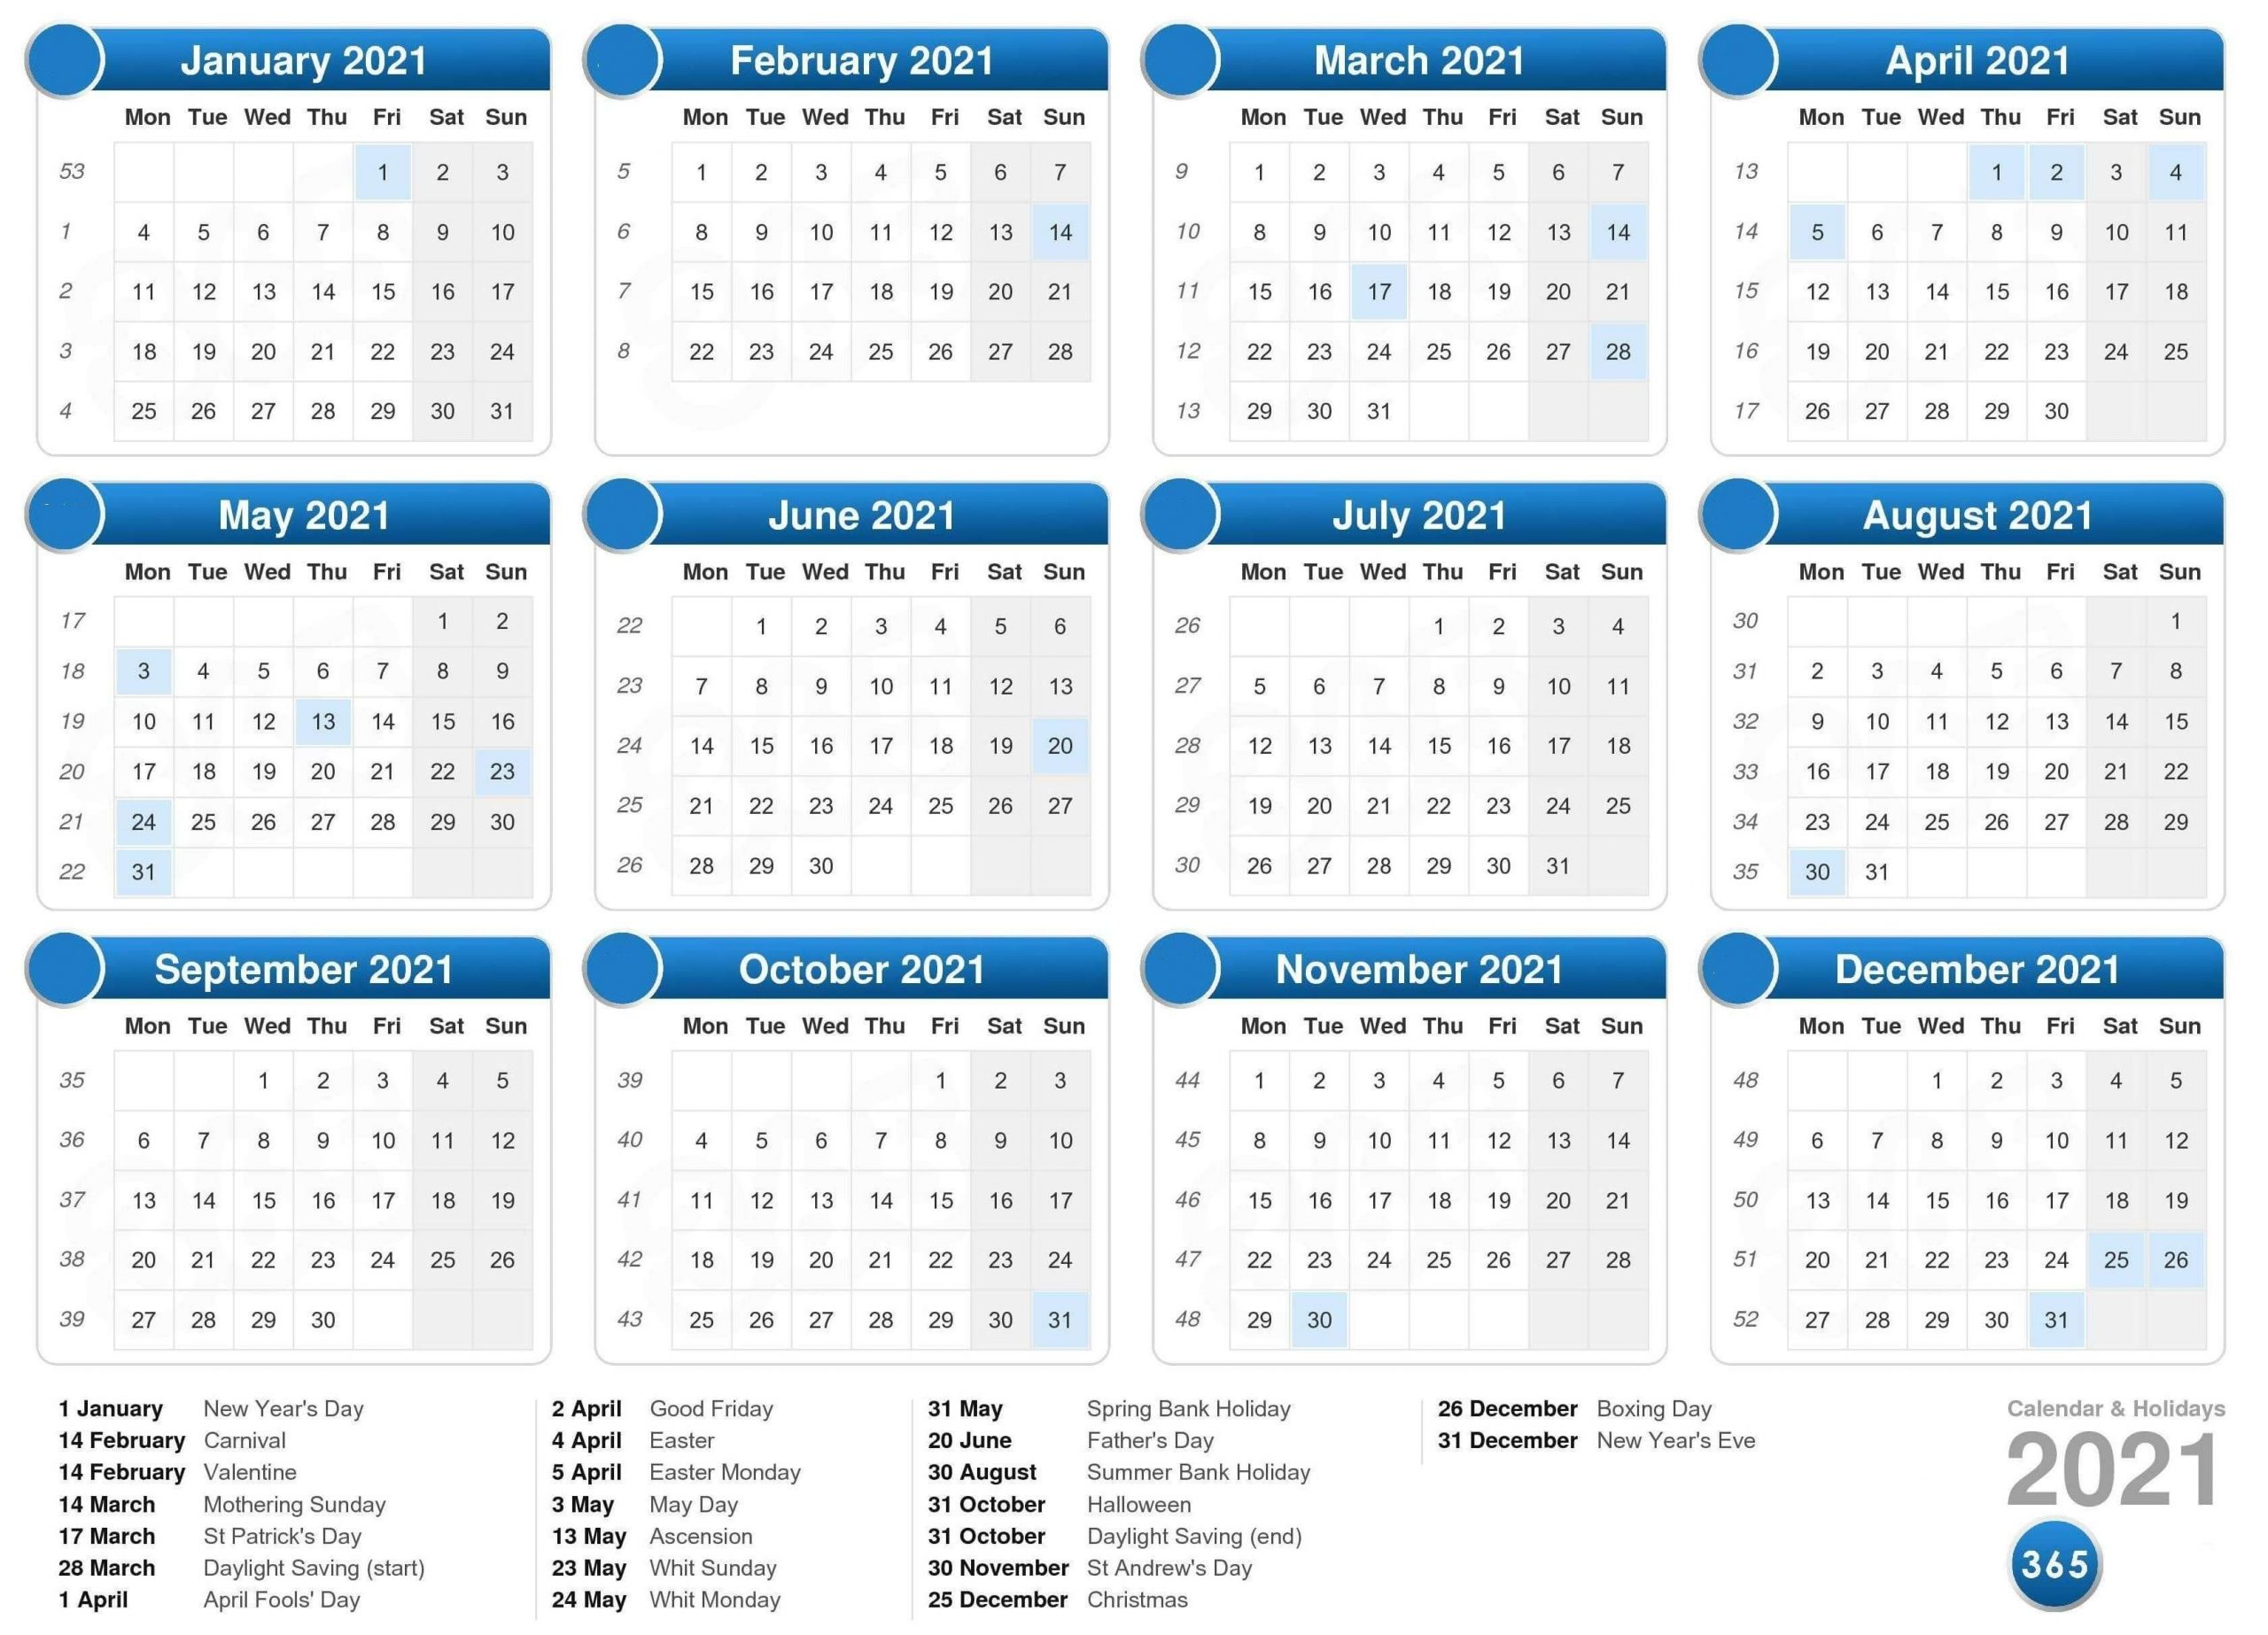 Take Fiscal Week Numbers Calendar 2021